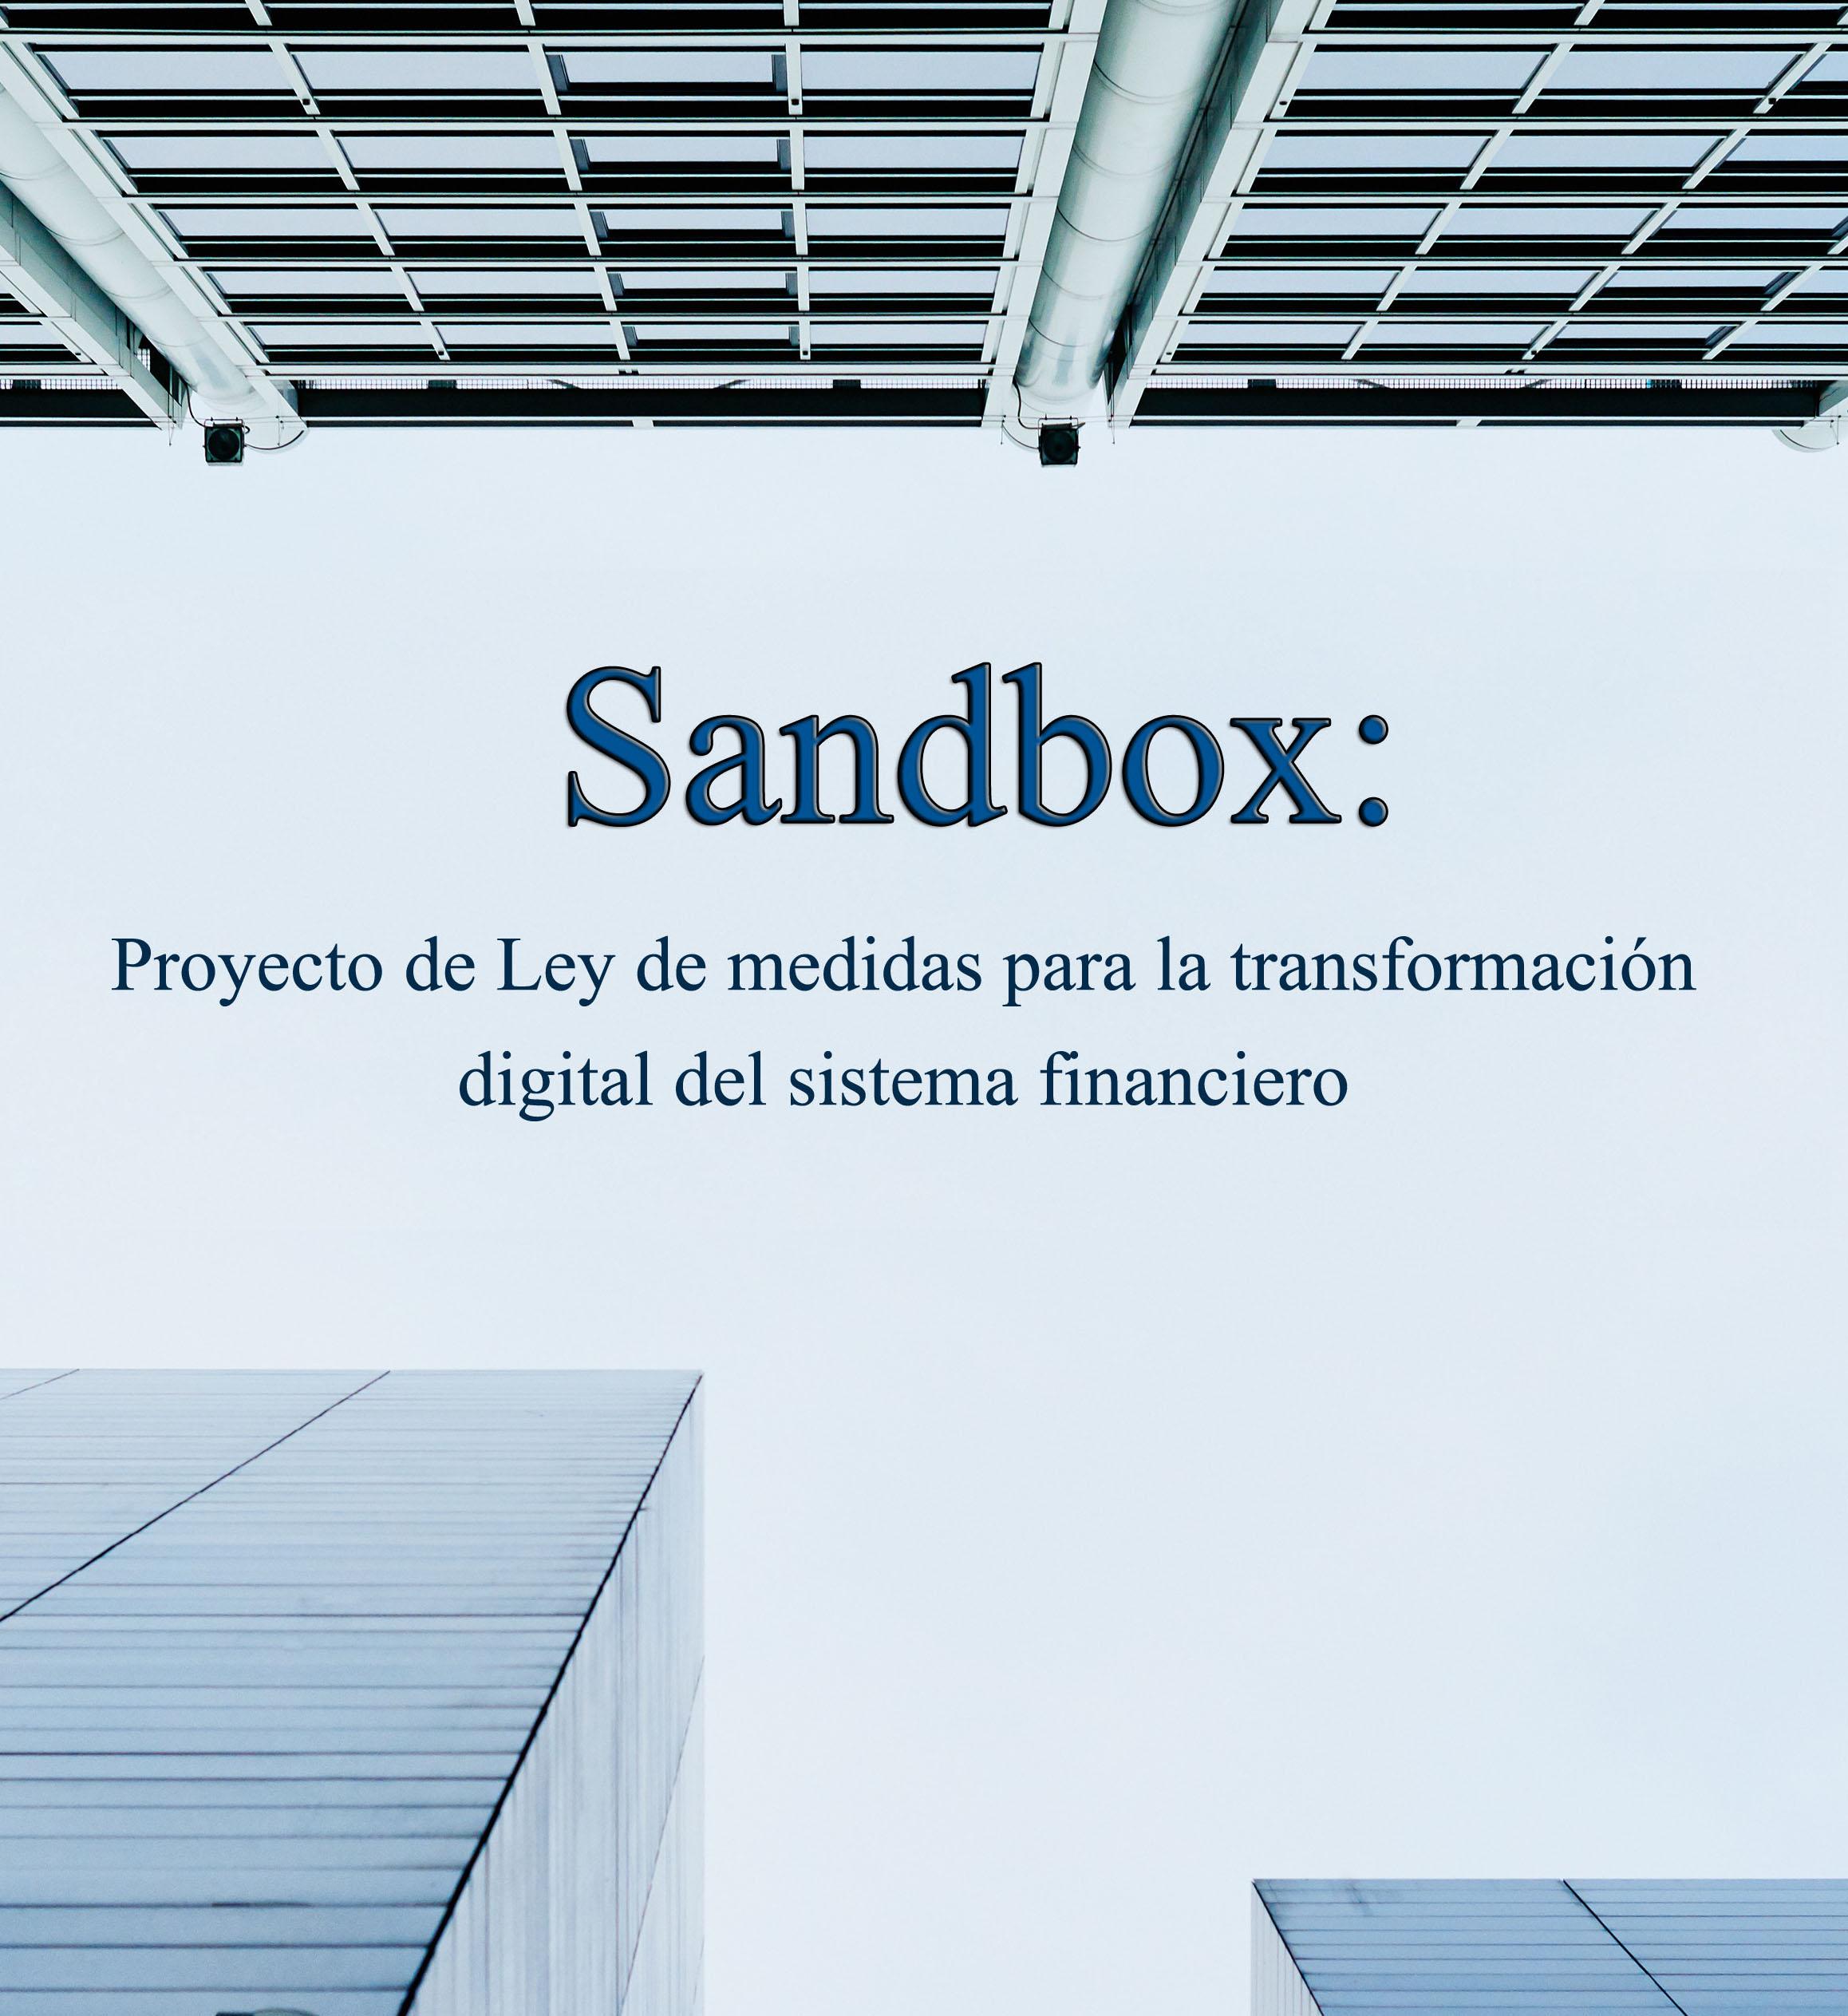 """sandbox proyecto de ley fernando zunzunegui Zunzunegui: """"Sandbox es contrario a la neutralidad tecnológica, la alternativa es simplificar la regulación financiera"""